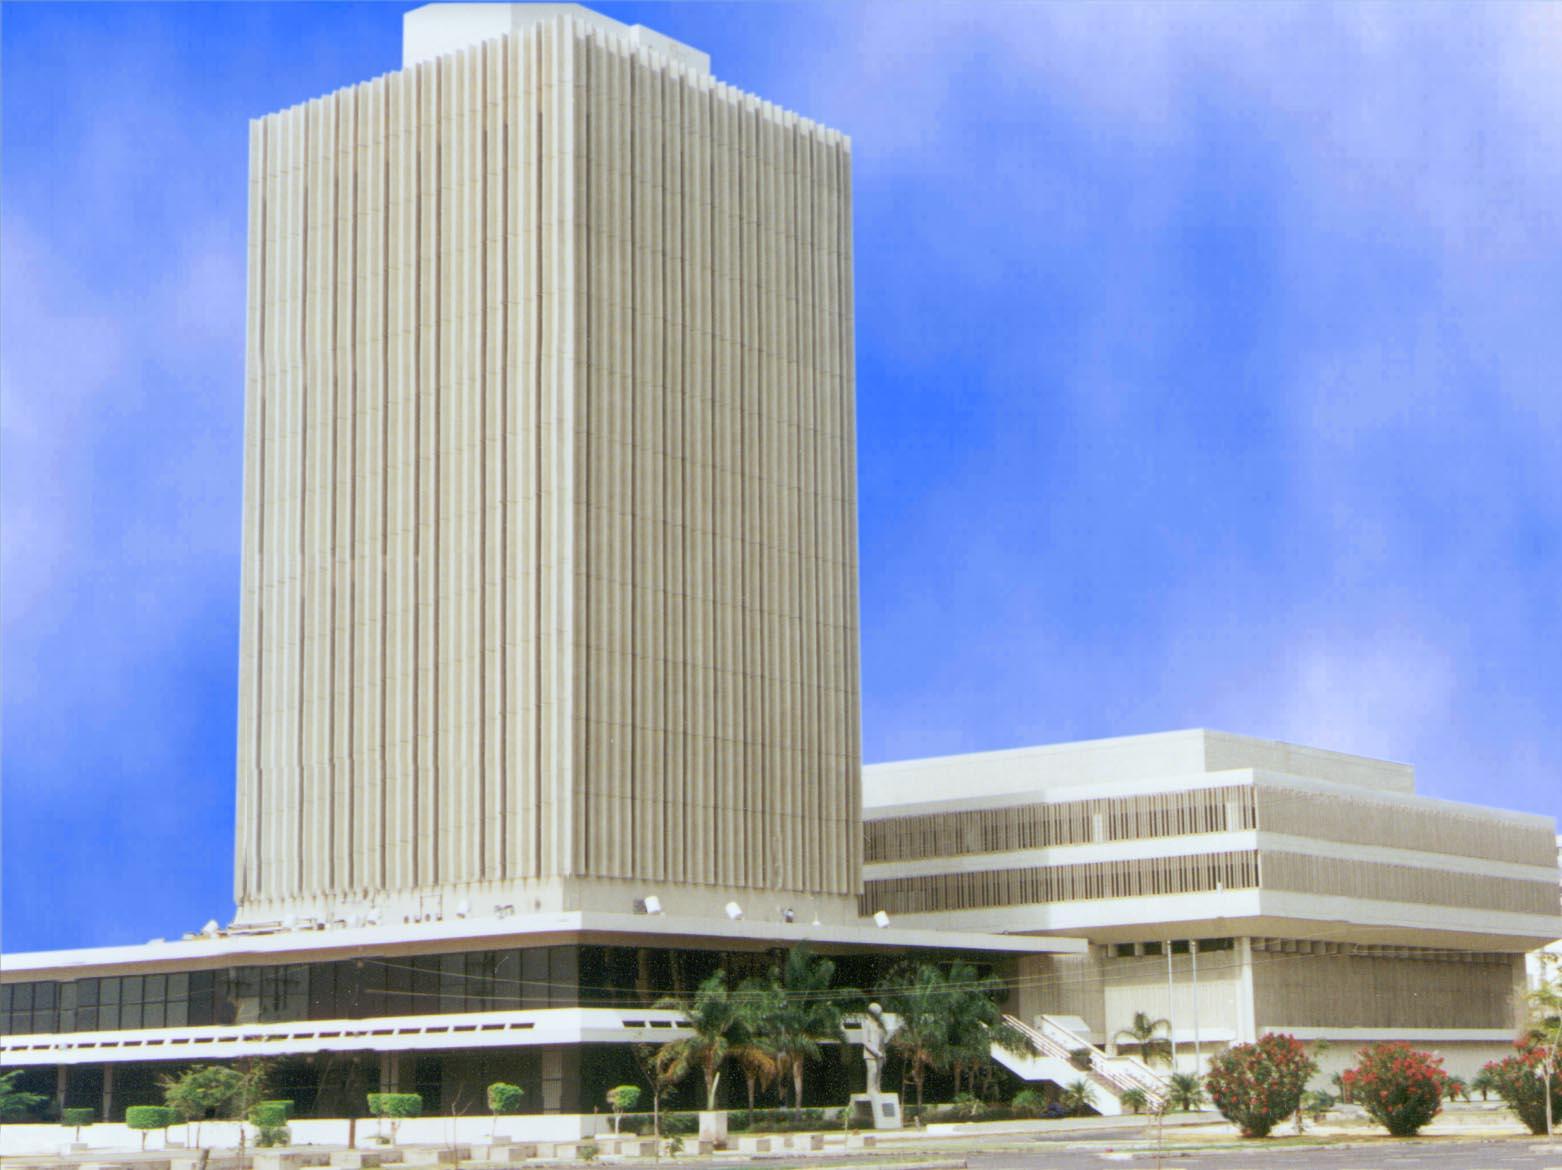 bOJ building #4